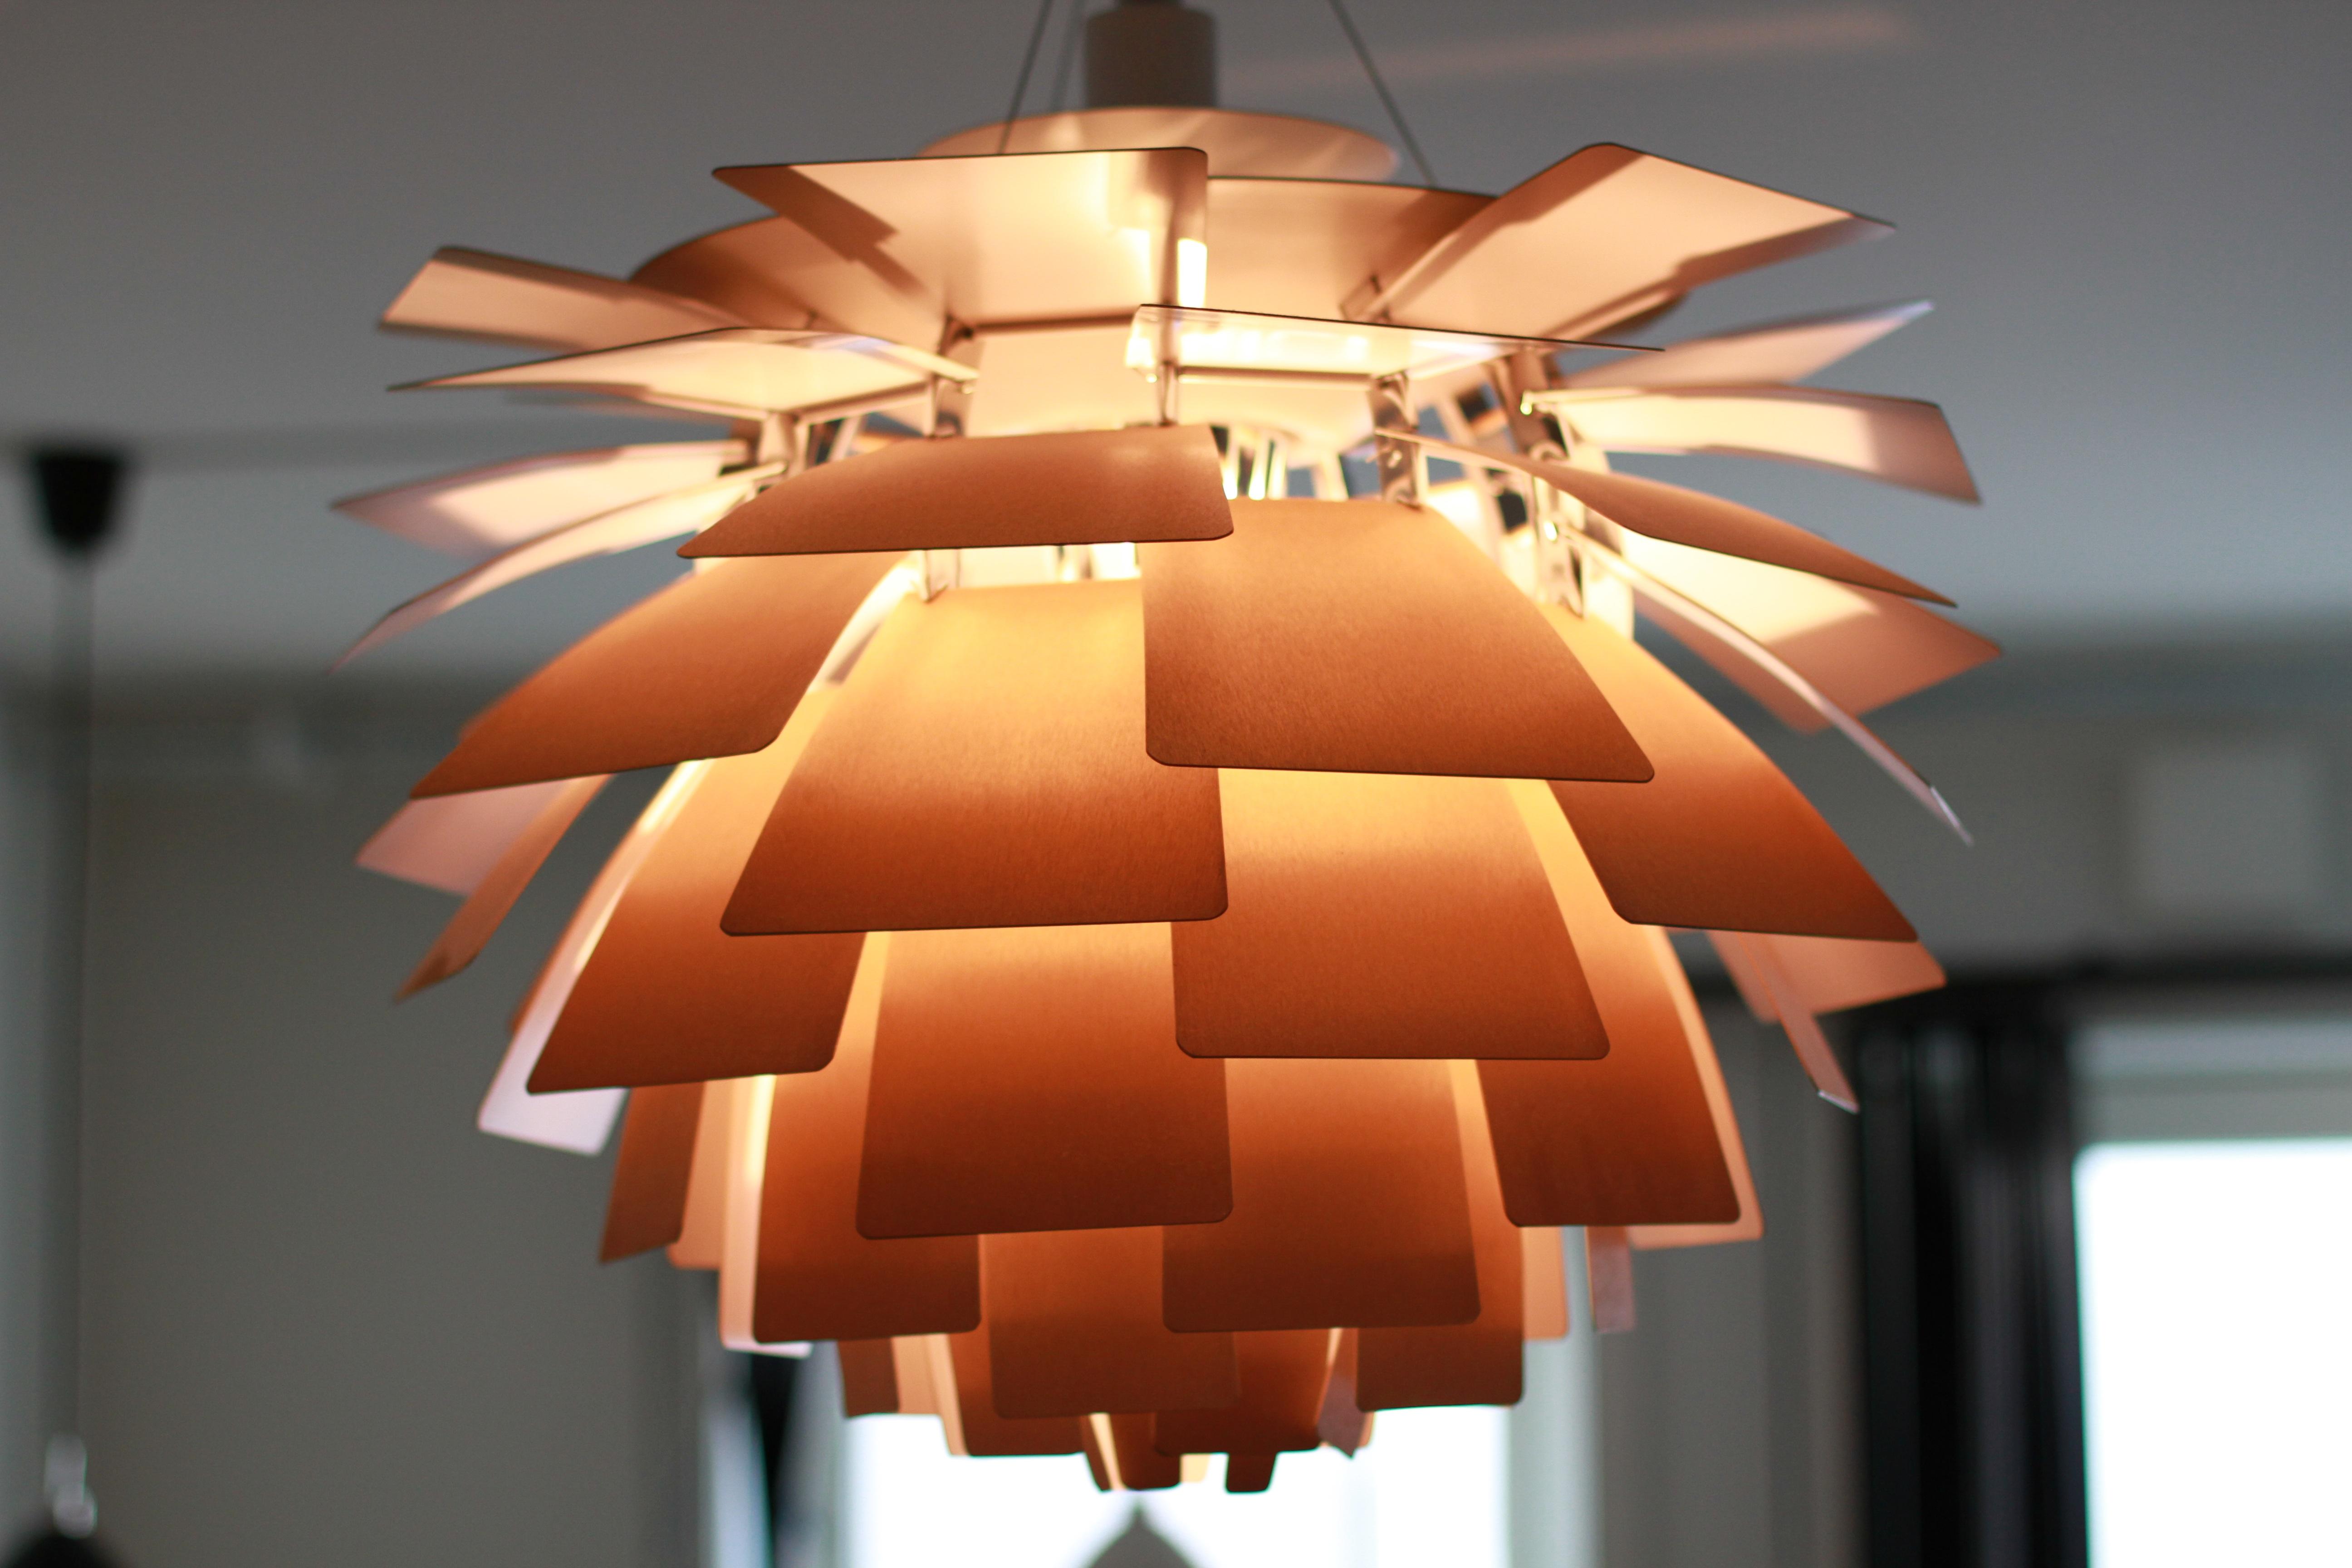 immagini belle leggero interno casa soffitto lampada illuminazione arredamento. Black Bedroom Furniture Sets. Home Design Ideas